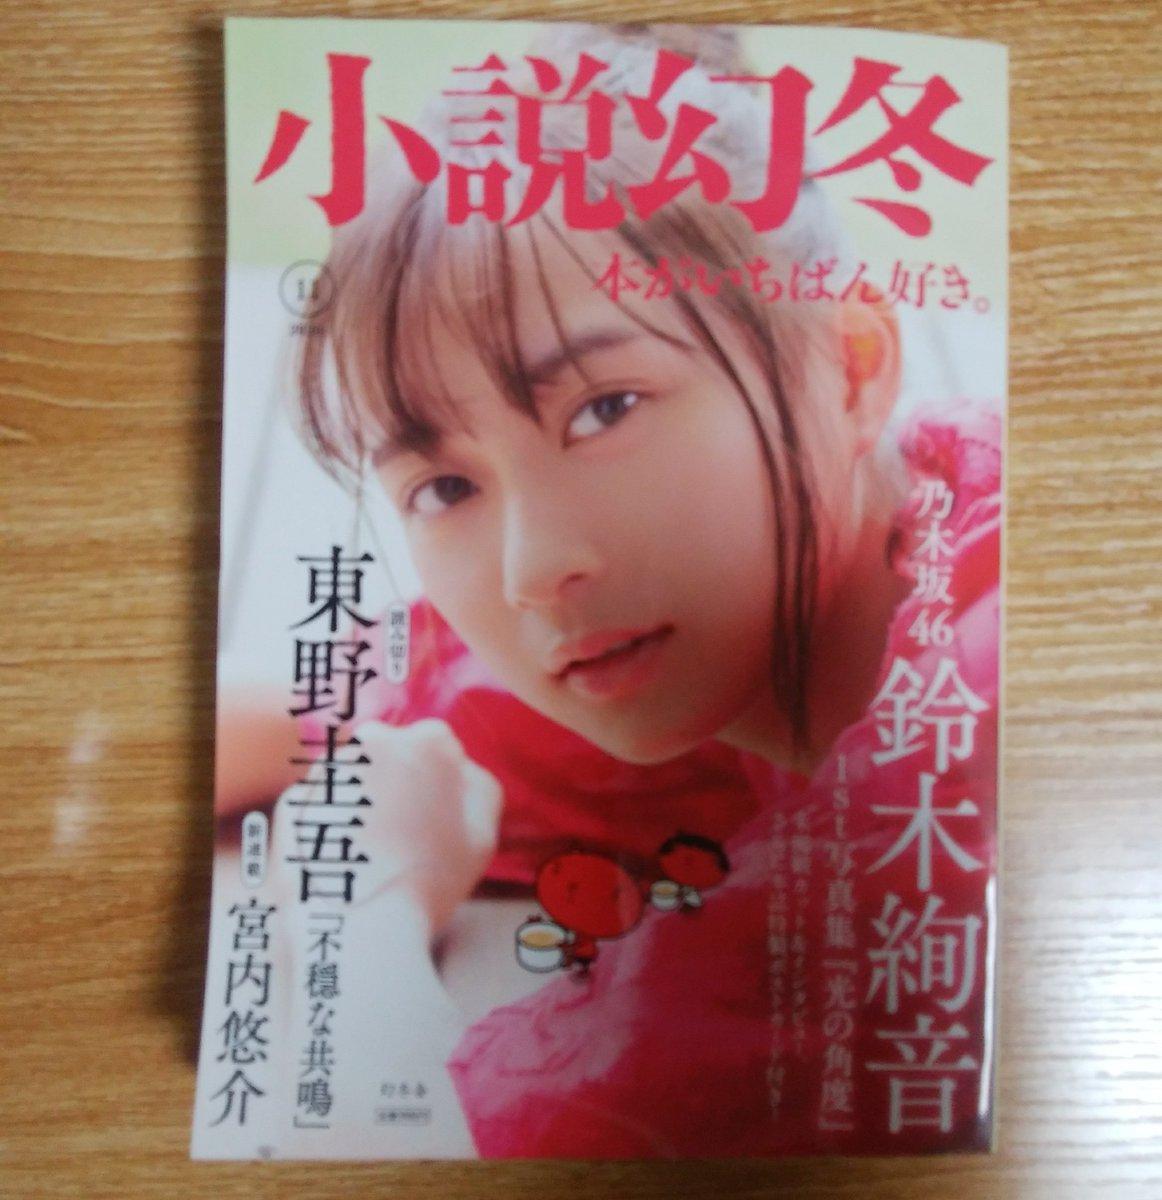 test ツイッターメディア - 十月も終わりですが、今月は「乃木ヲタ一年生の頃の推しメンが全員雑誌の表紙の全部又は一部を飾る」という特別な月になりました。 三年半待ったよ... なお、推すきっかけが「顔が可愛い」だったのは伊藤かりんちゃんだけです。 https://t.co/FkJkVZDUfS